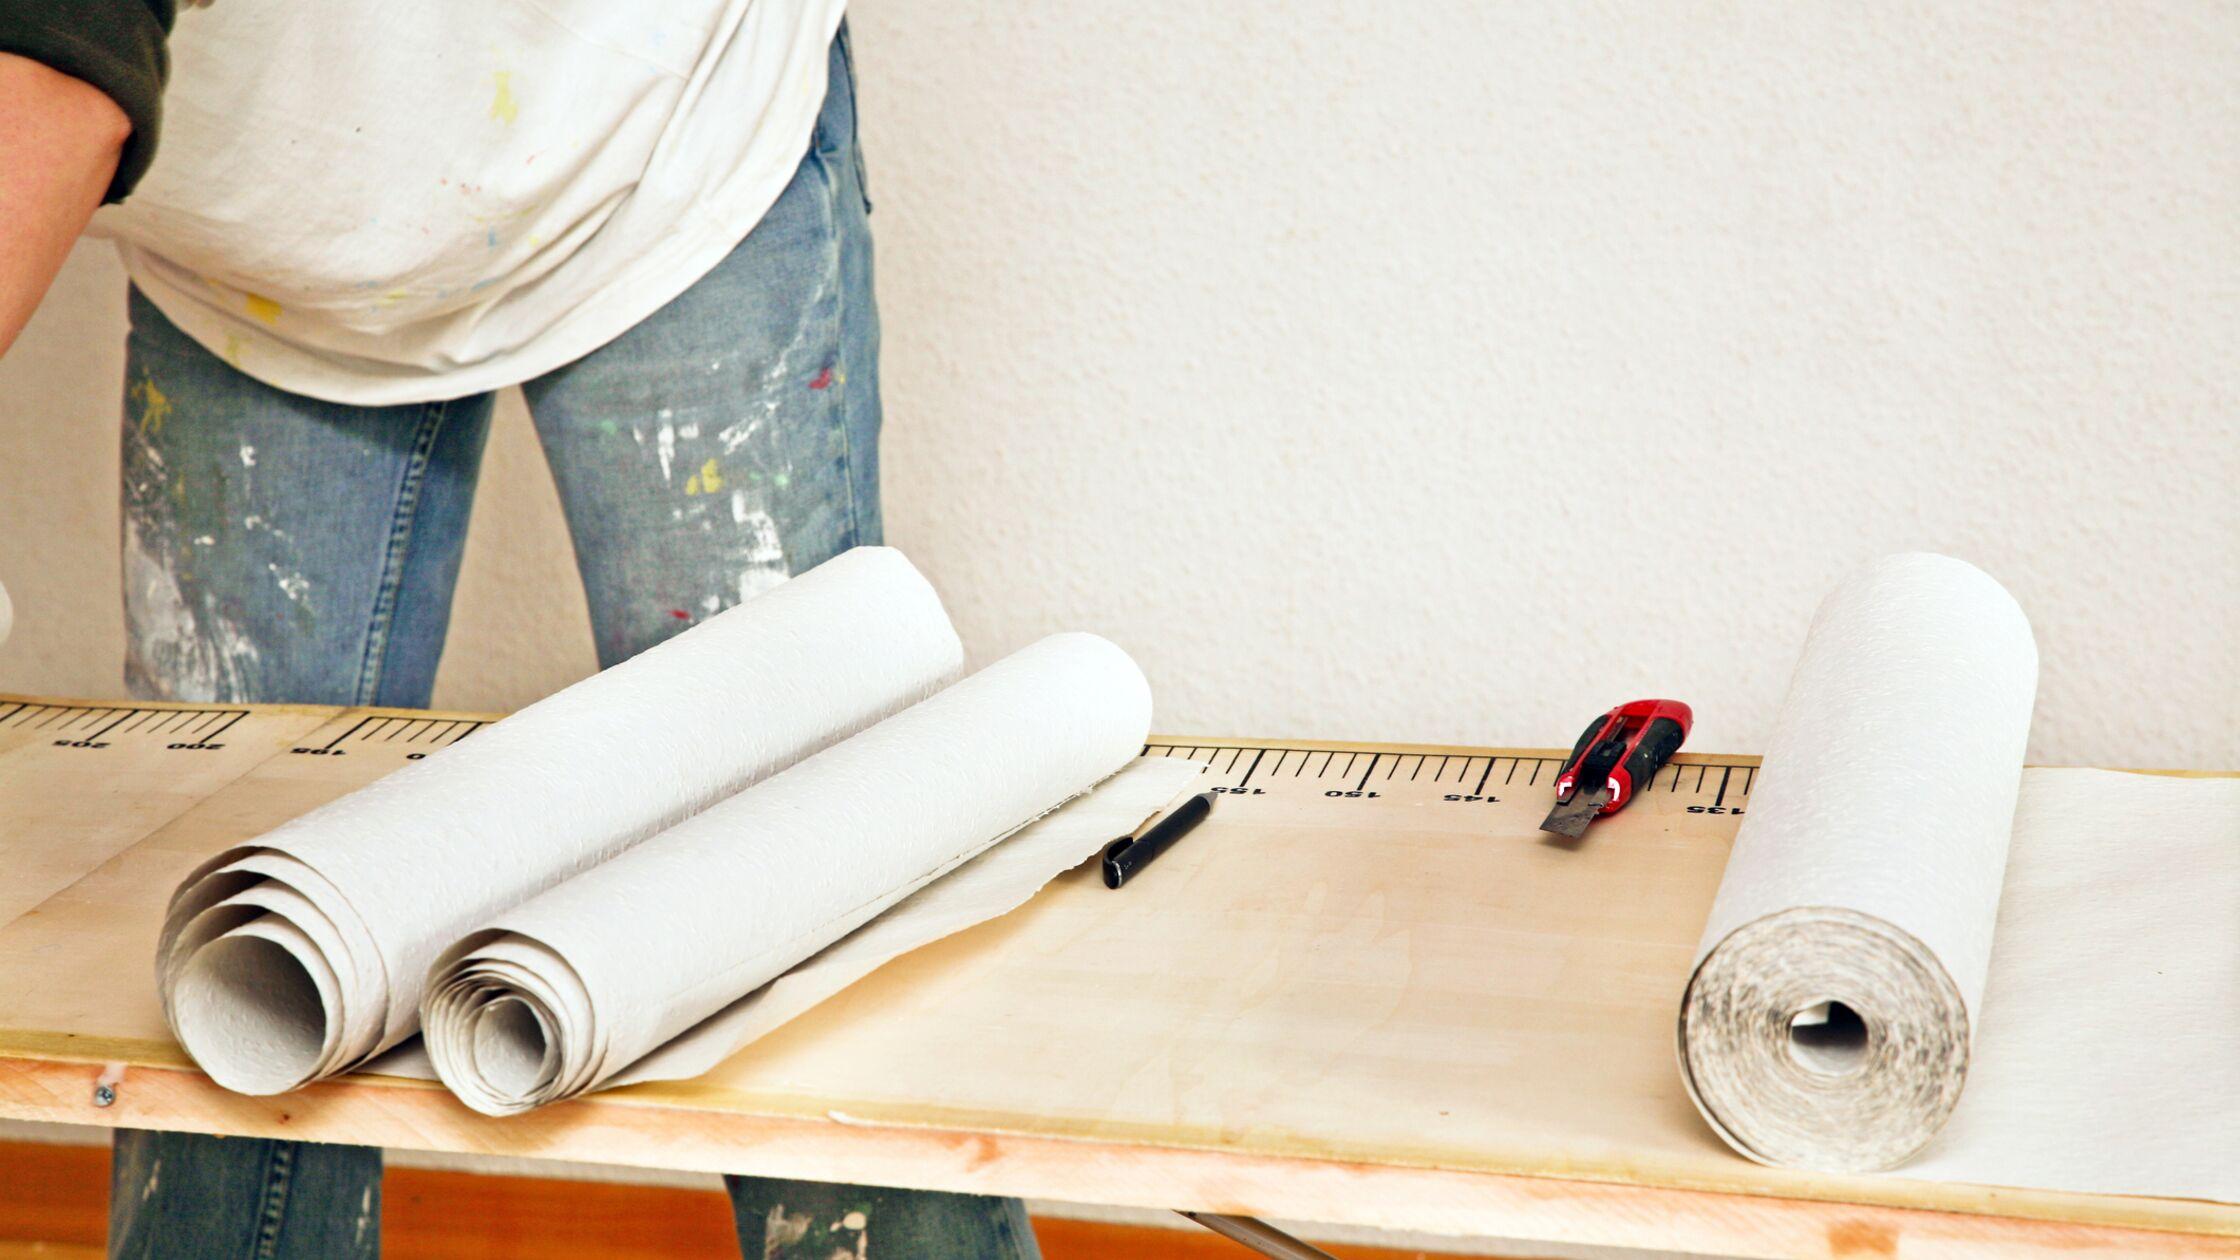 selber richtig tapezieren: anleitung für anfänger